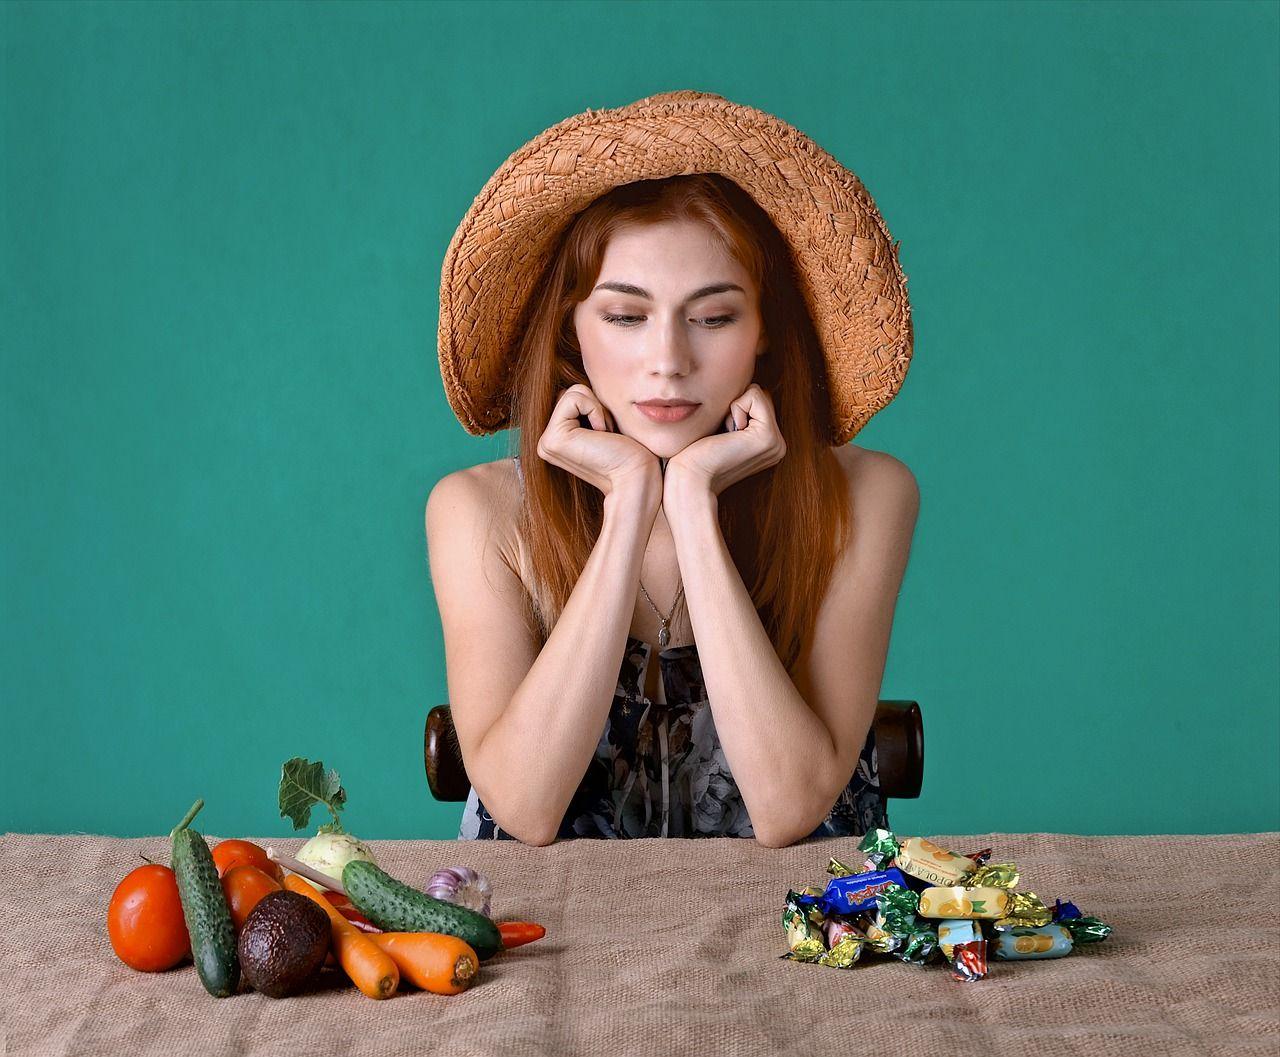 الحميات الغذائية المناسبة قبل عملية تصغير المعدة وبعدها